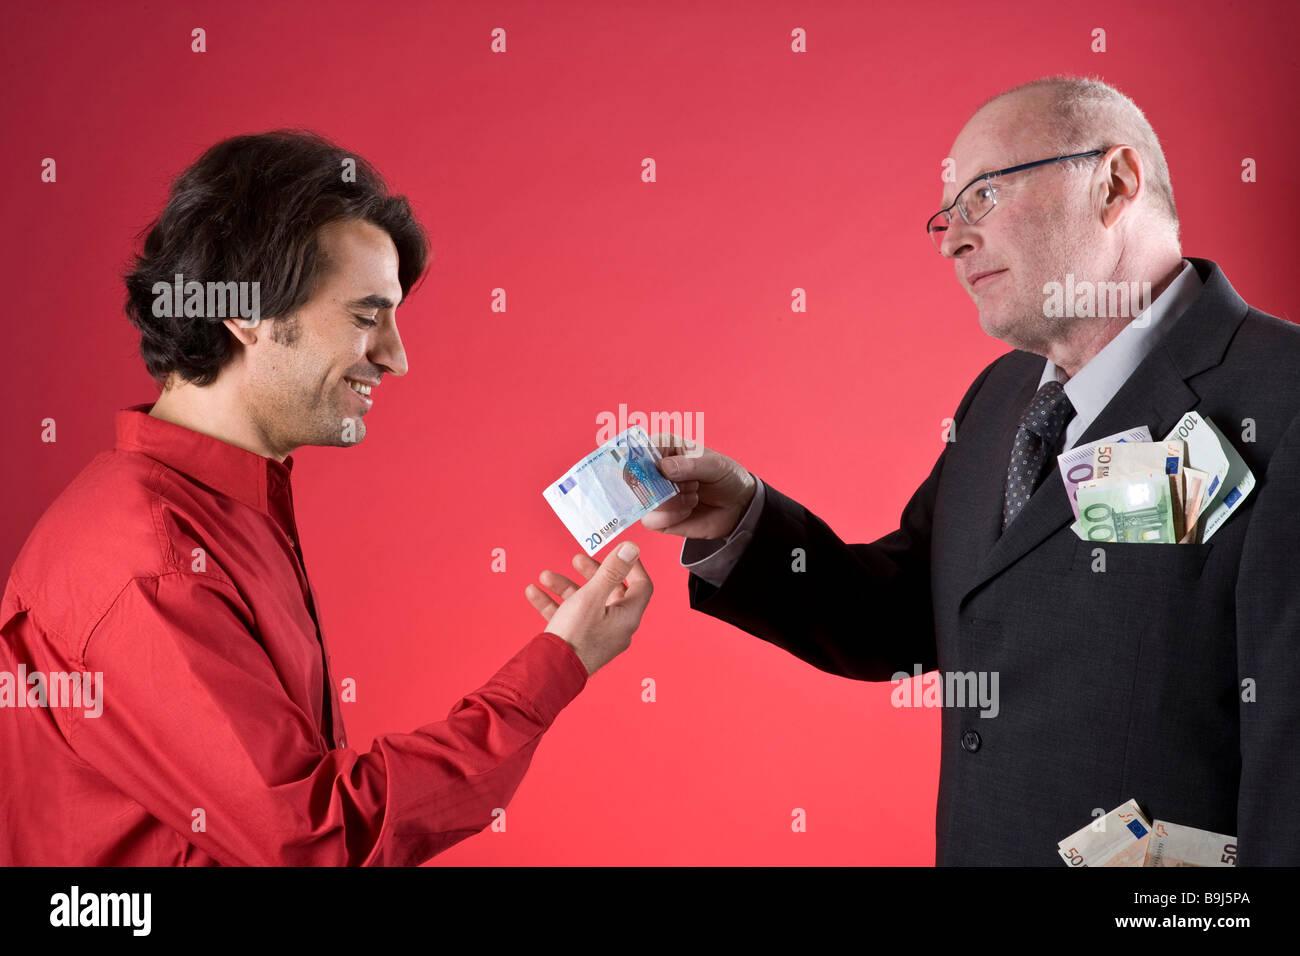 Ricco imprenditore con tasche completa offrendo giovane uomo denaro Foto Stock